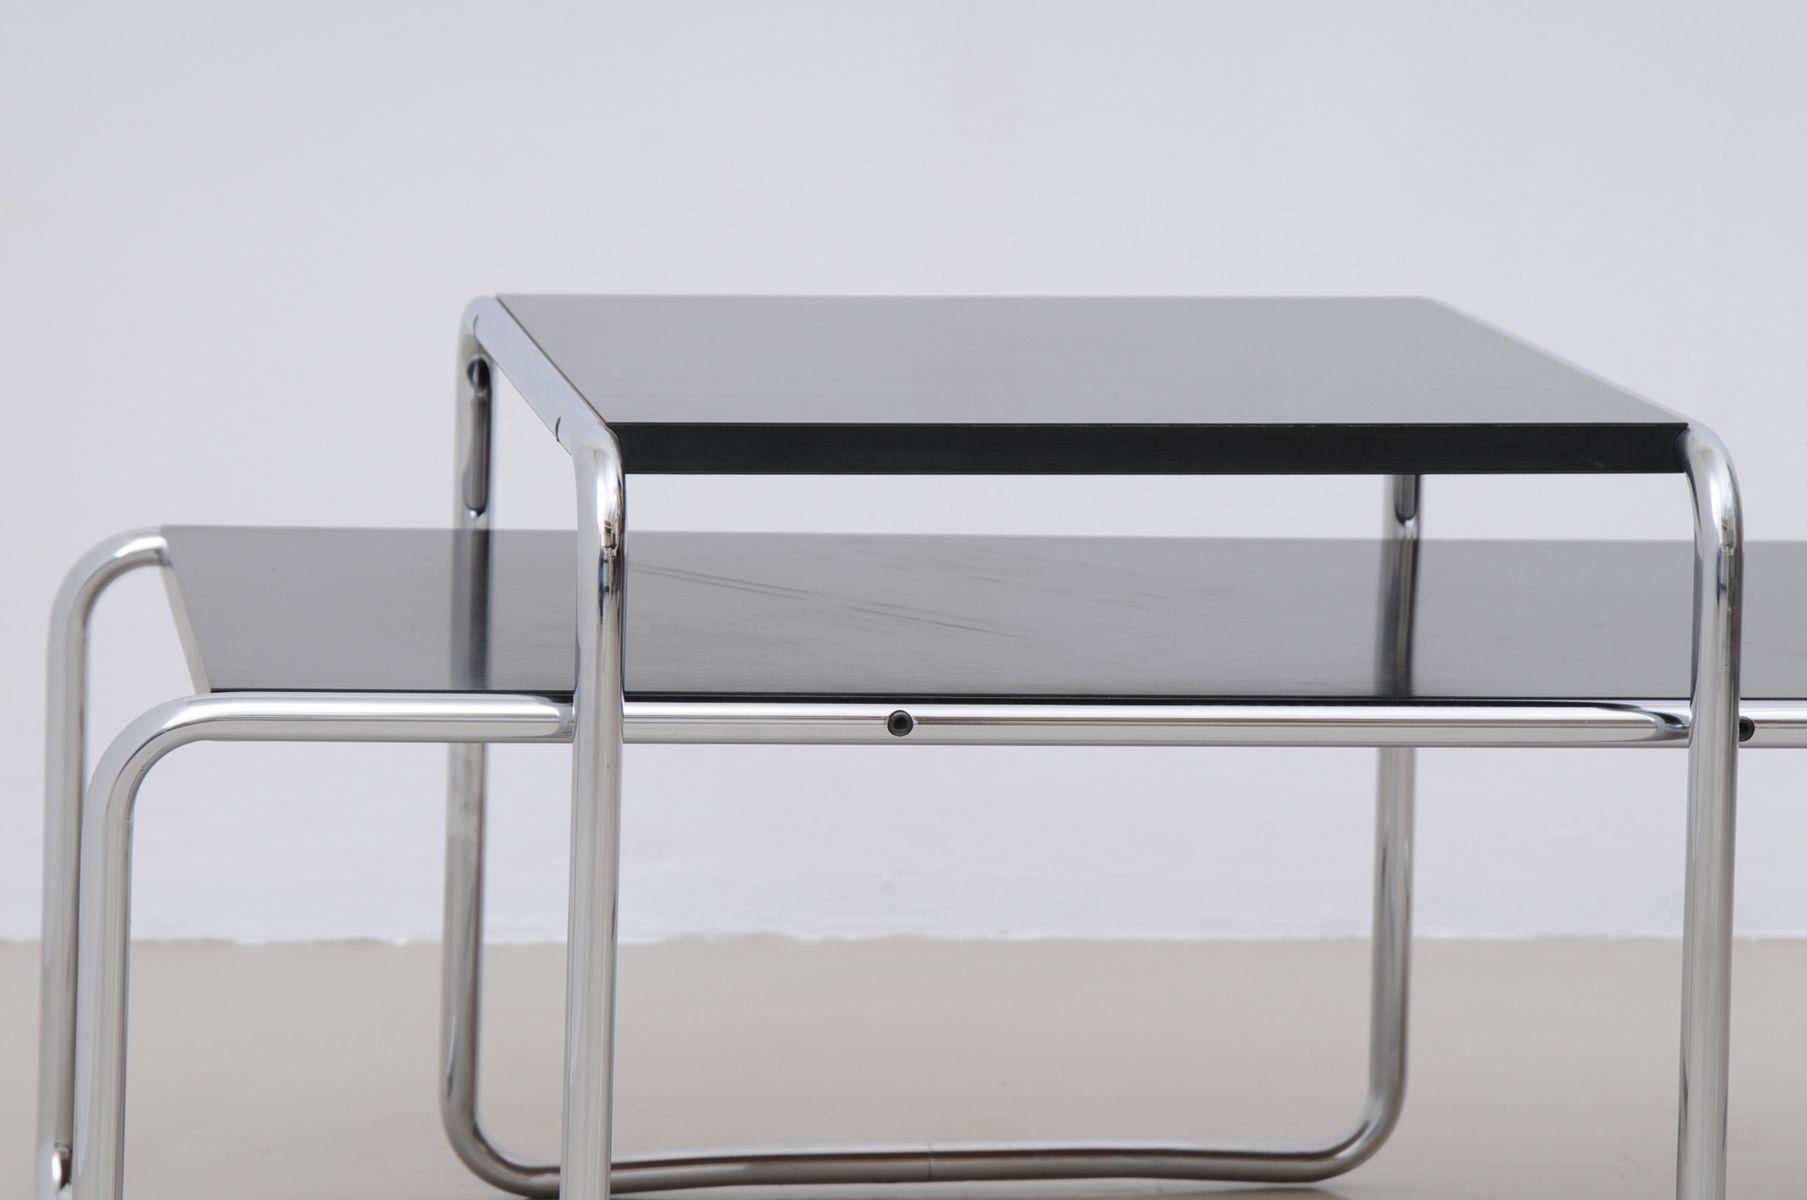 Vintage italian laccio black tables 1 2 by marcel breuer for vintage italian laccio black tables 1 2 by marcel breuer for gavina set of 2 geotapseo Images